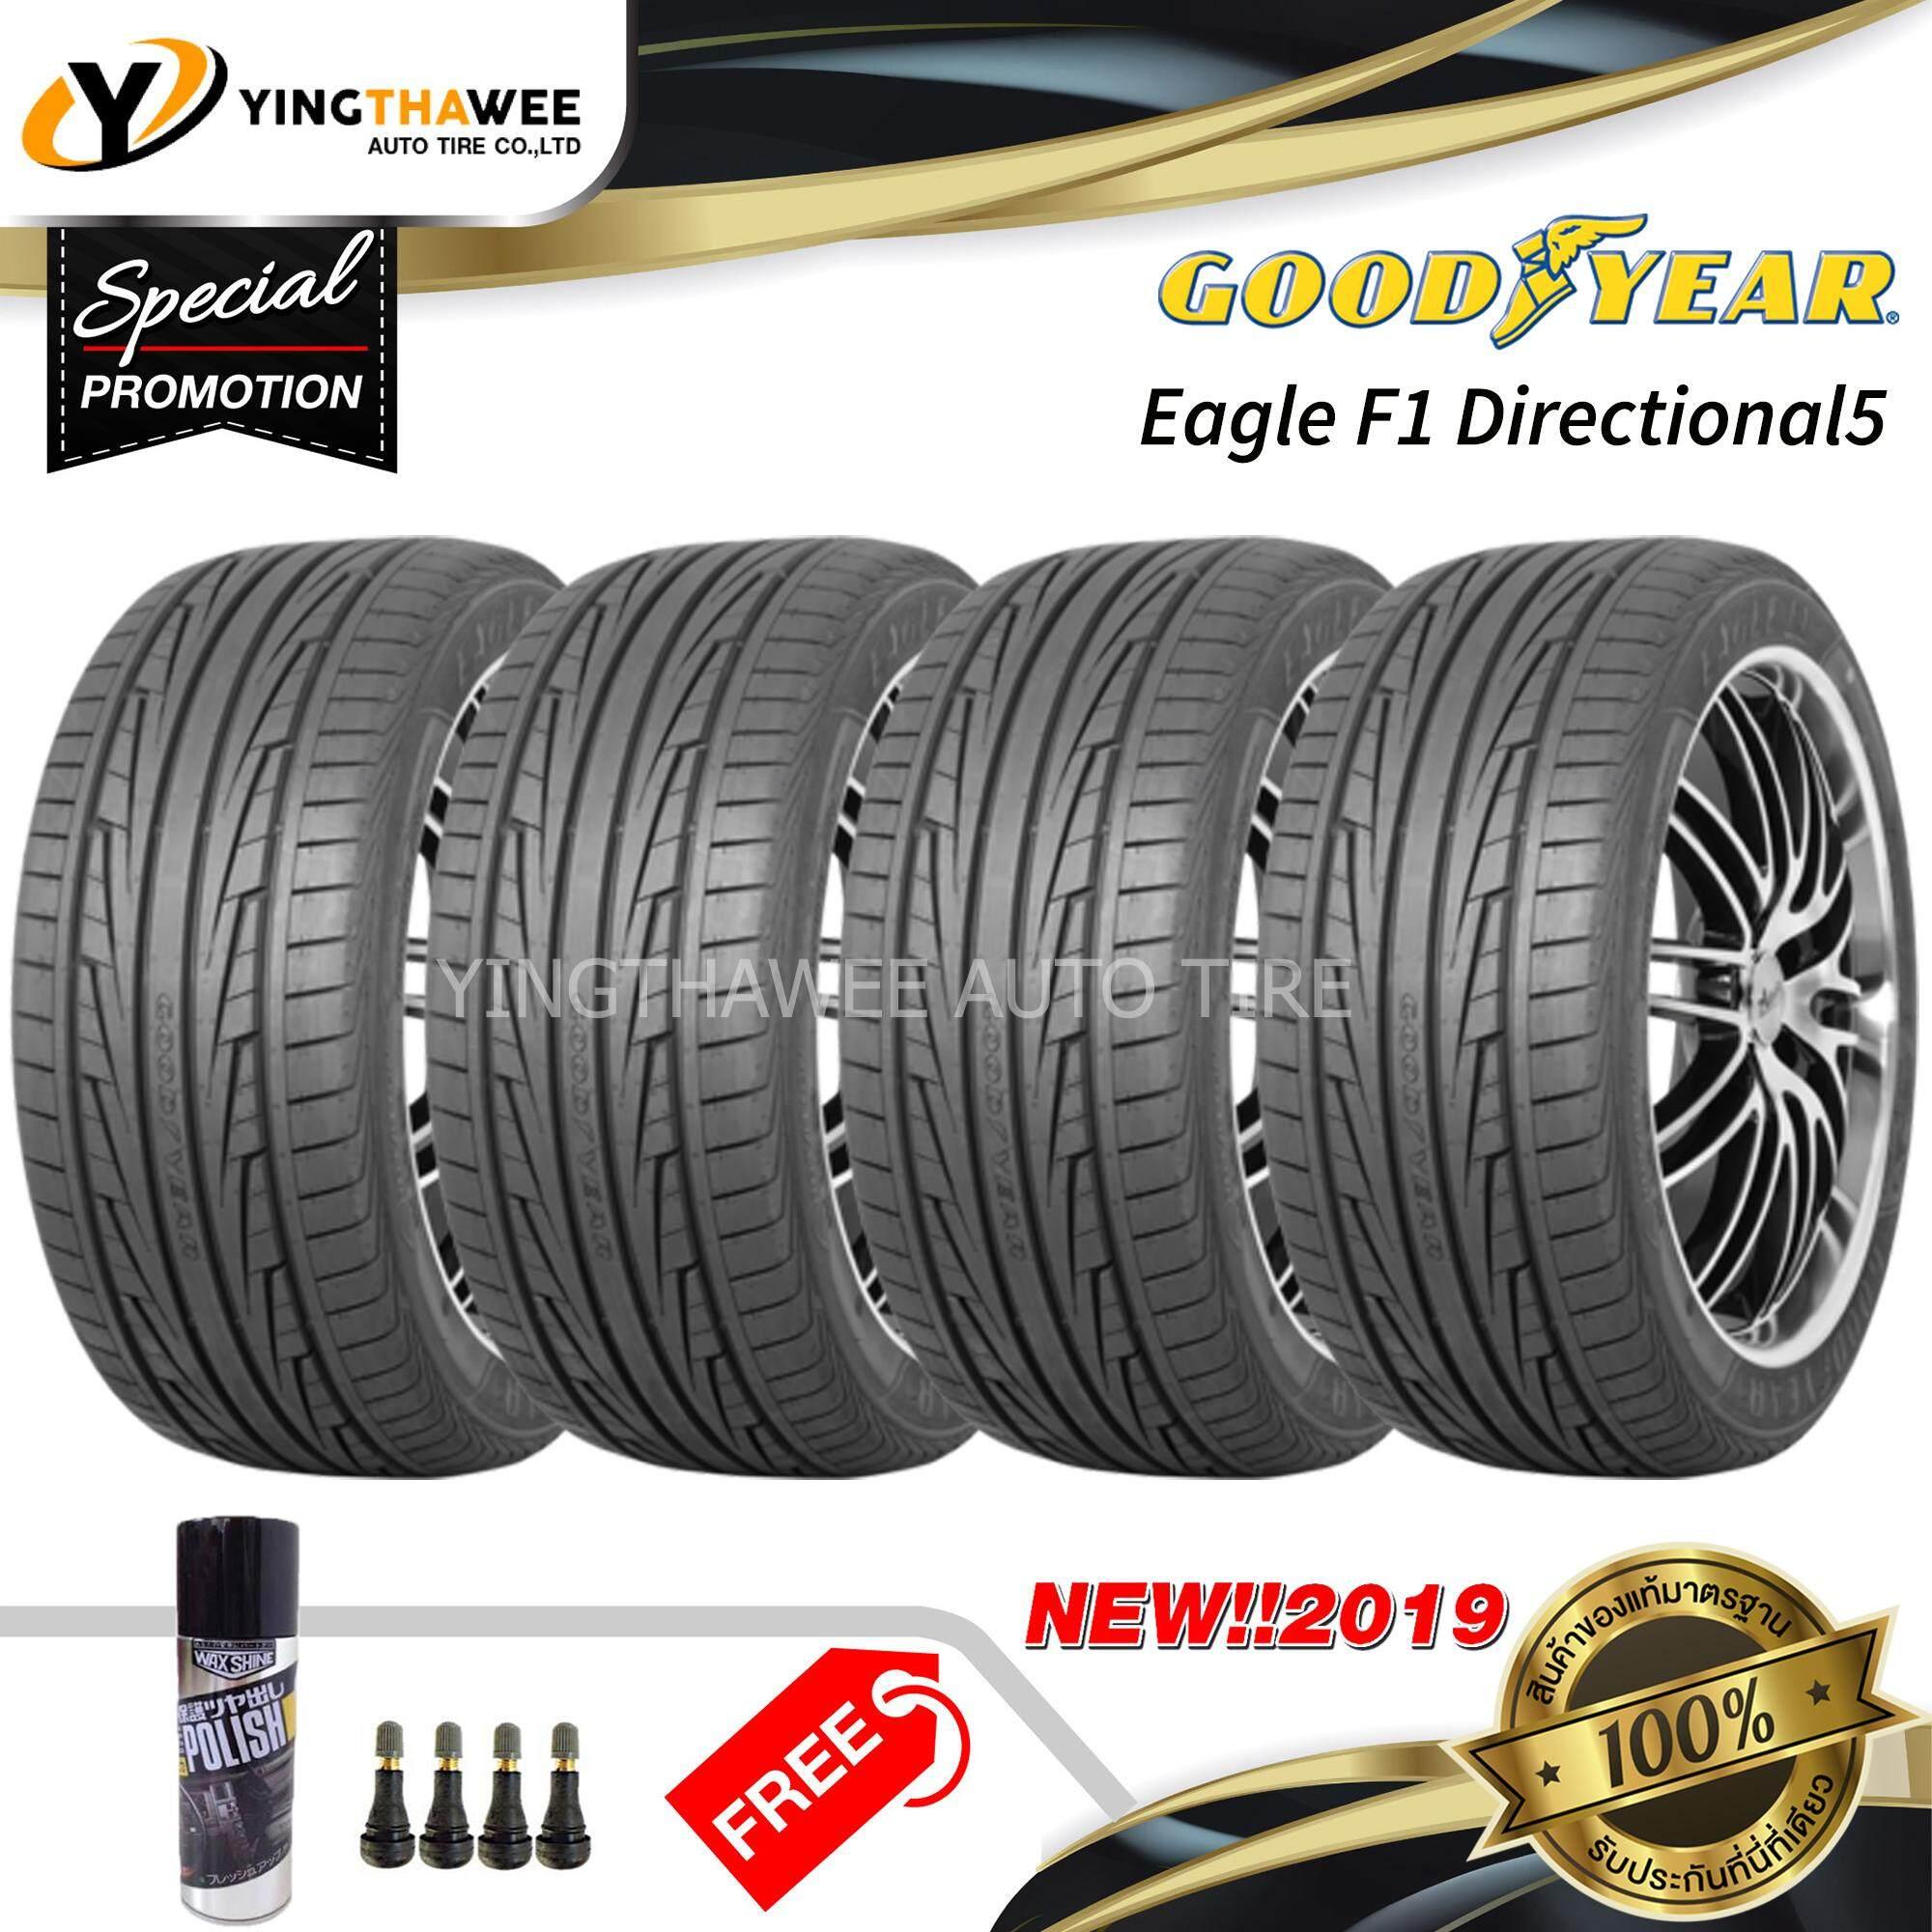 ประกันภัย รถยนต์ ชั้น 3 ราคา ถูก อำนาจเจริญ GOODYEAR ยางรถยนต์ 195/55R15 รุ่น Eagle F1 Directional5  4 เส้น (ปี 2019) แถม Wax Shine 420 ml. 1 กระป๋อง + จุ๊บลมยางแกนทองเหลือง 4 ตัว